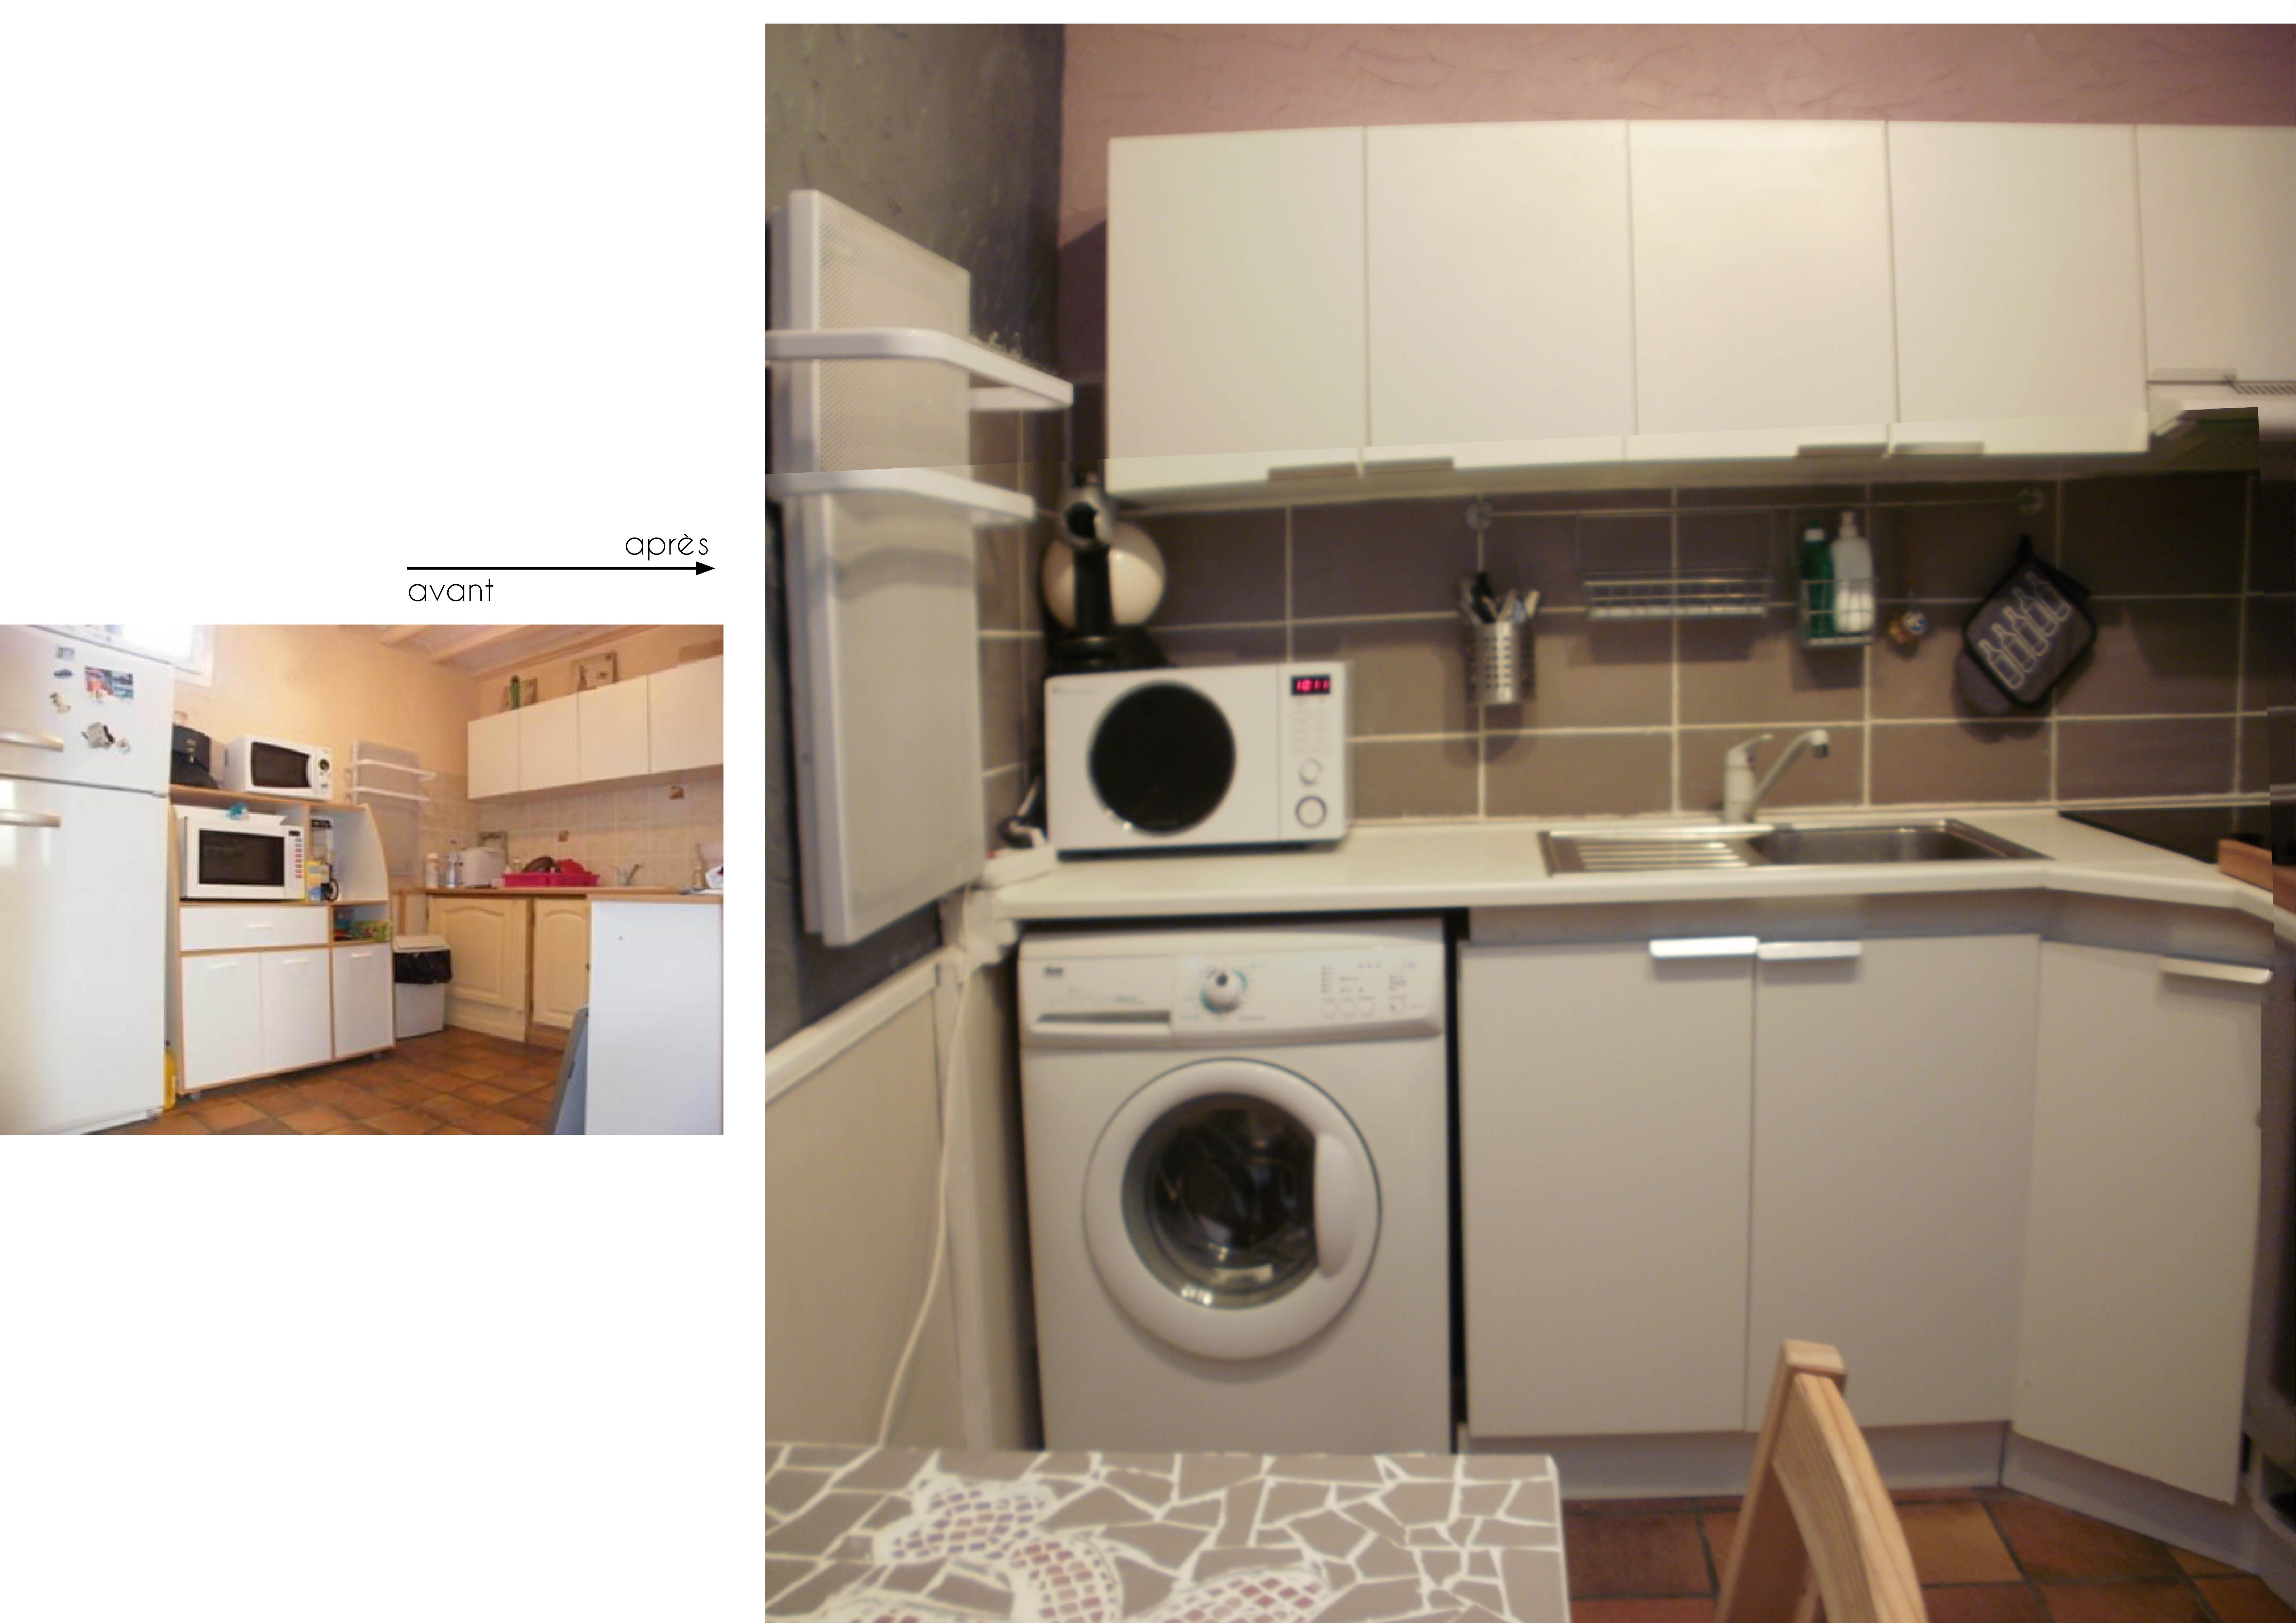 D coration d 39 une cuisine for Deco cuisine place laurier